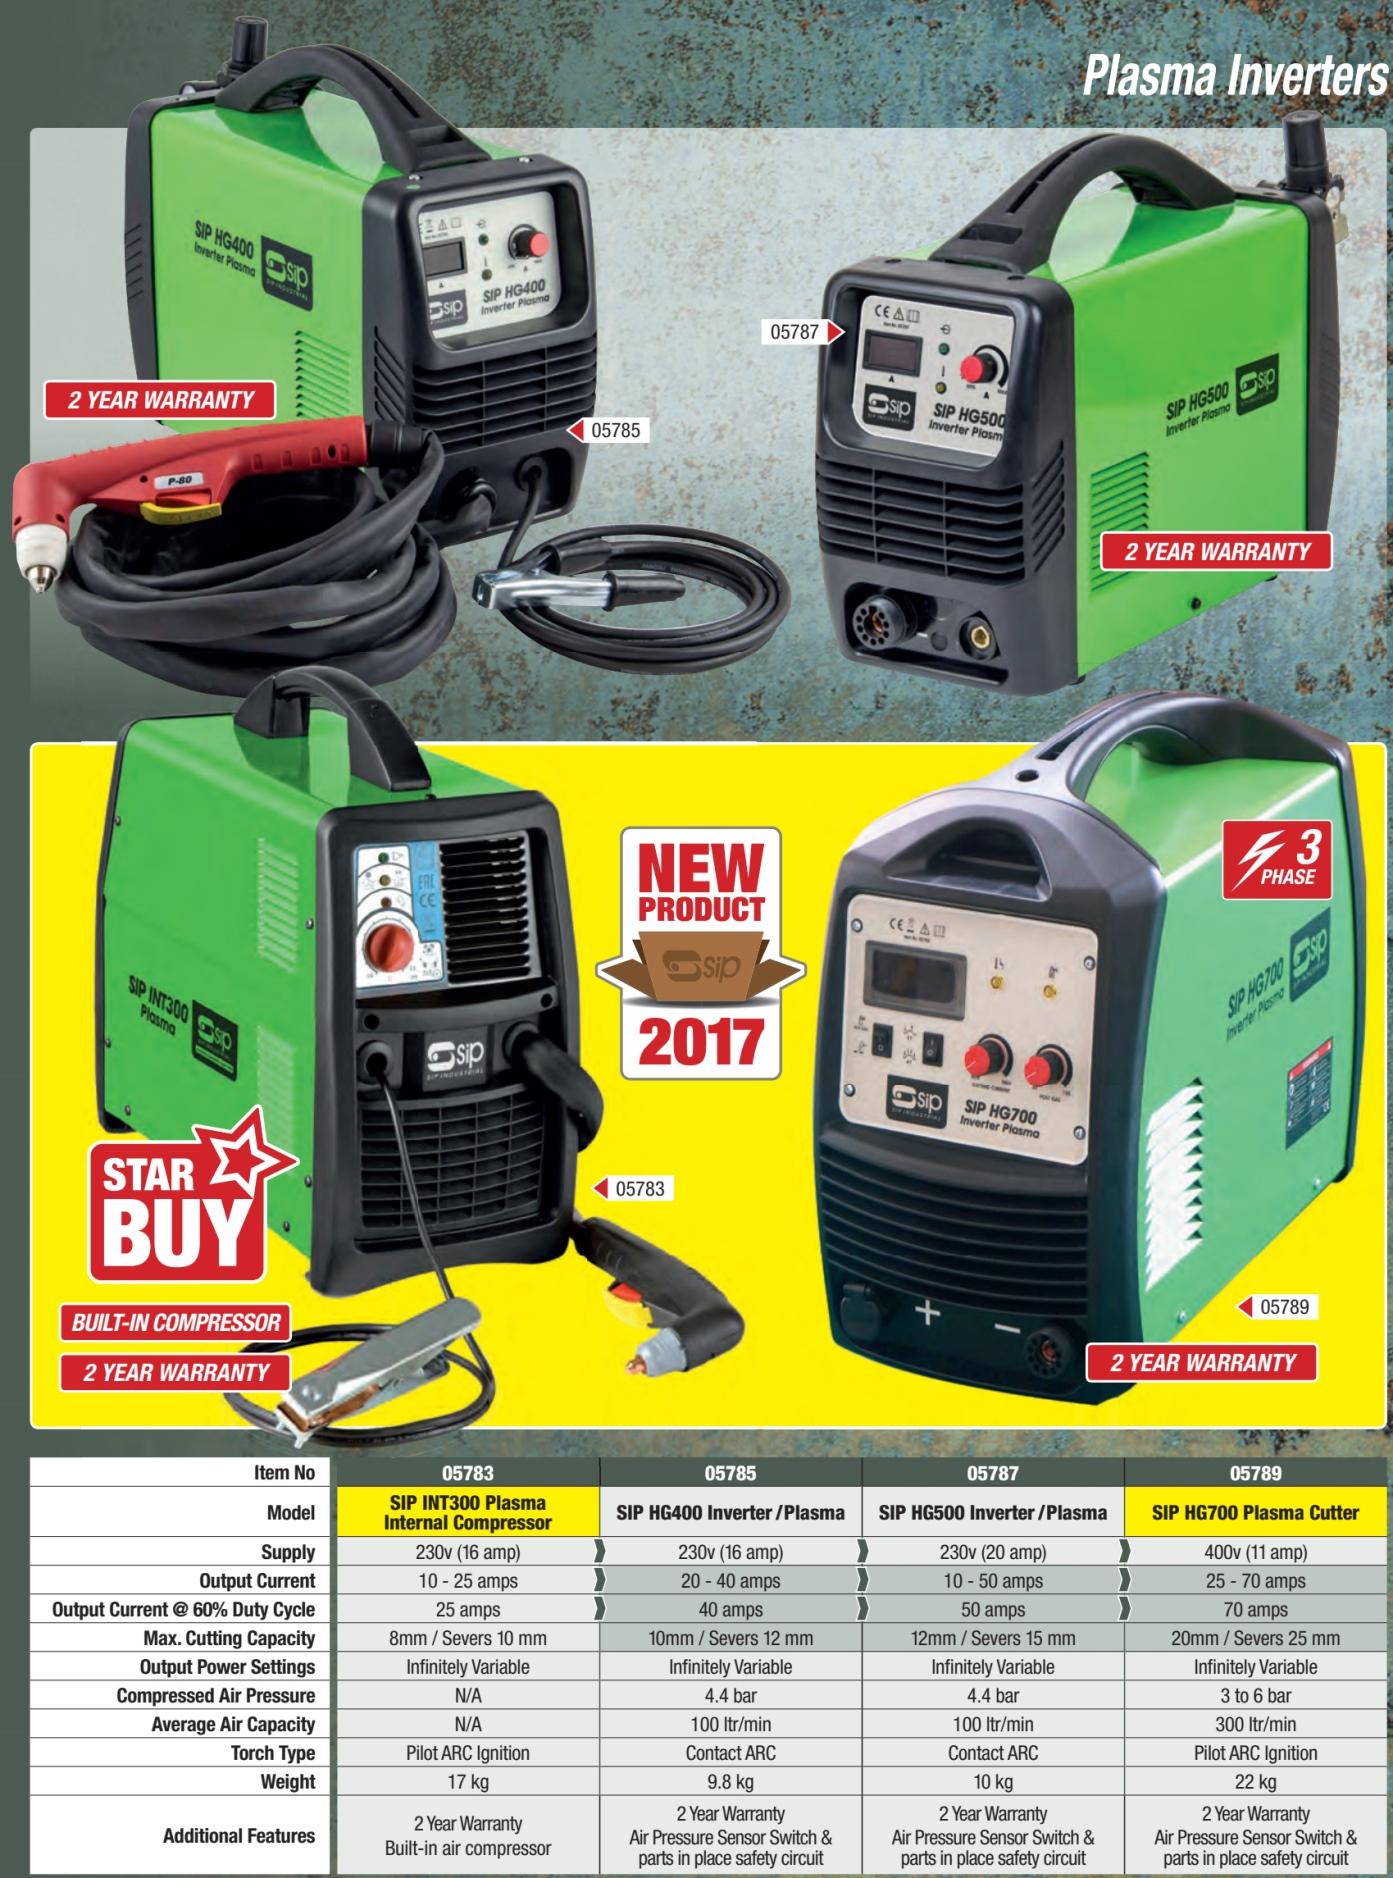 2306ee1228f SIP HG500 Inverter Plasma Cutter 05787 SIP HG500 Inverter Plasma ...